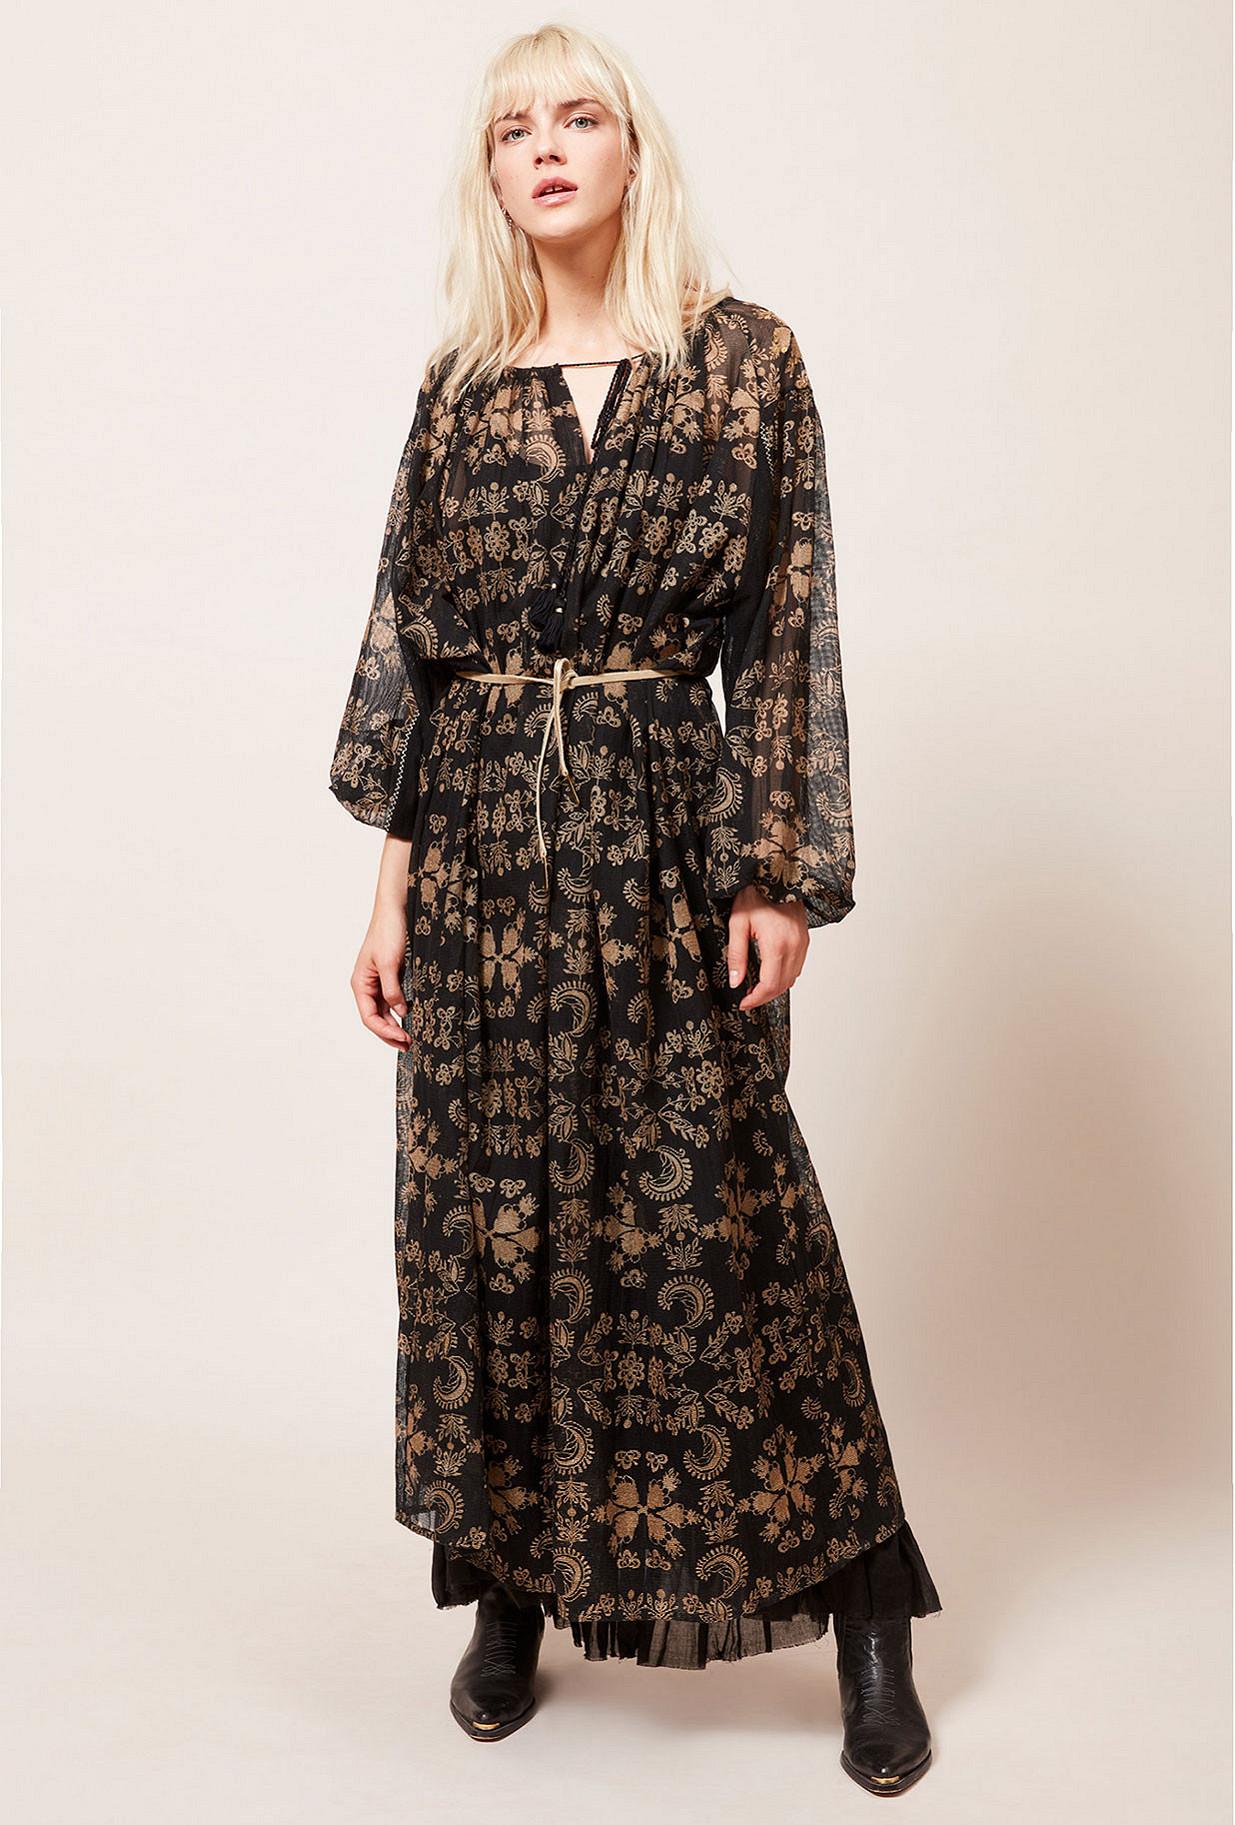 Paris boutique de mode vêtement Robe créateur bohème  Artemis